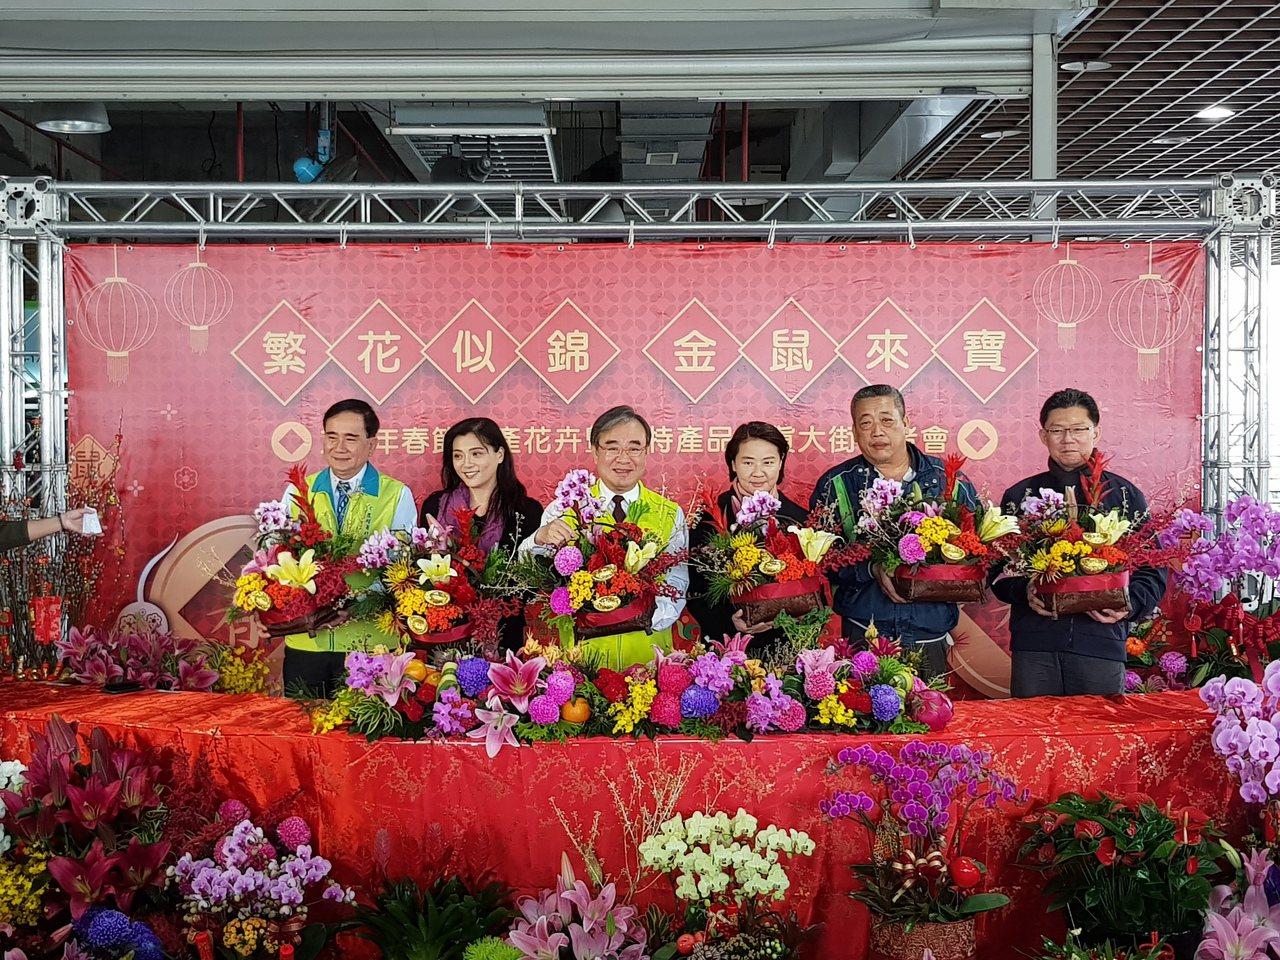 台北市副市長黃珊珊等人昨也於花市行銷不打烊服務。記者翁浩然/攝影